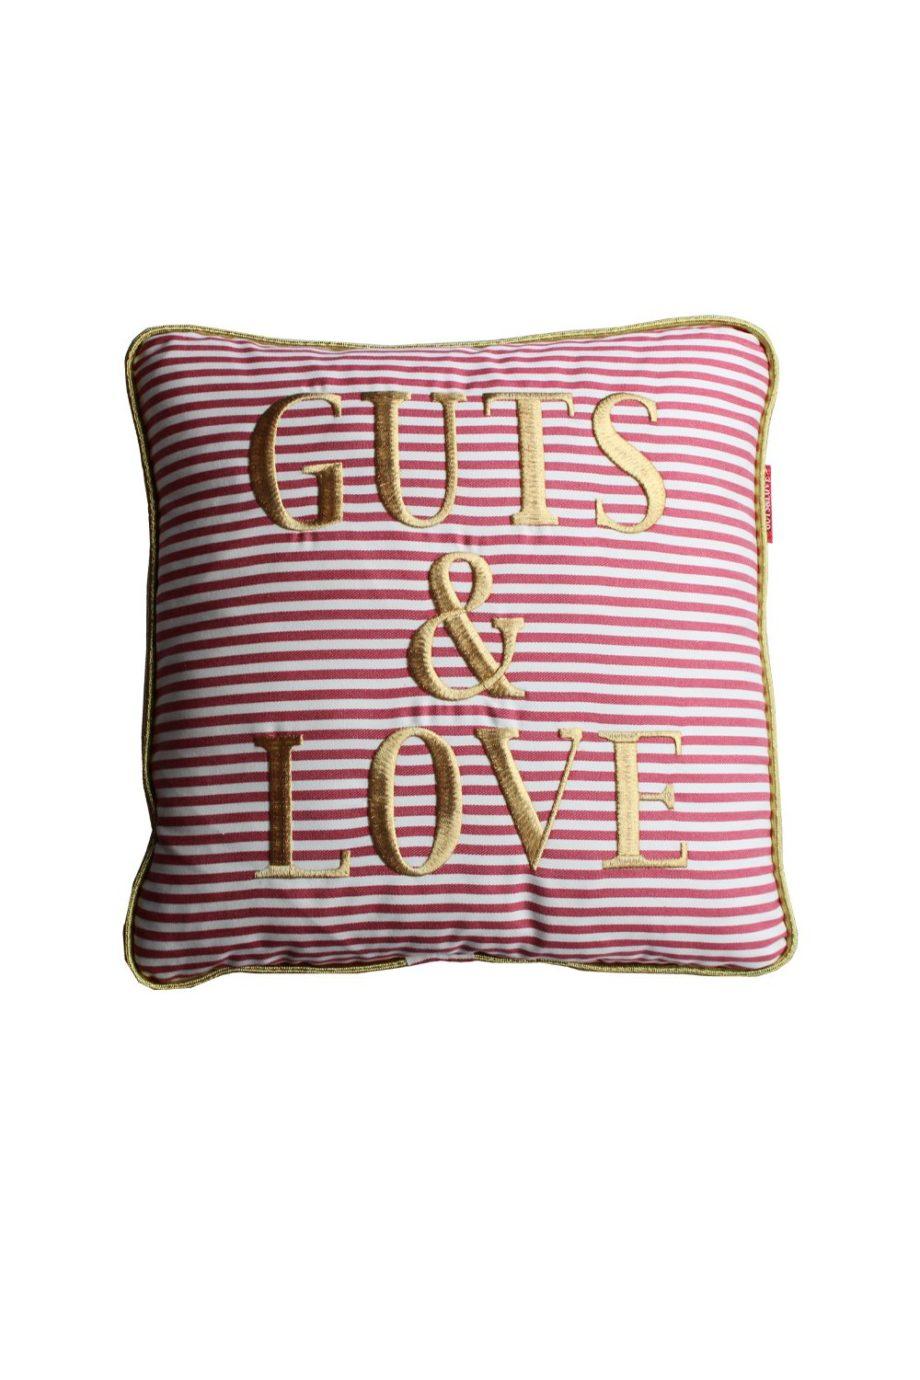 GUTS&LOVE G&L Stripes  Cushion Rojo Small (45 x 45)